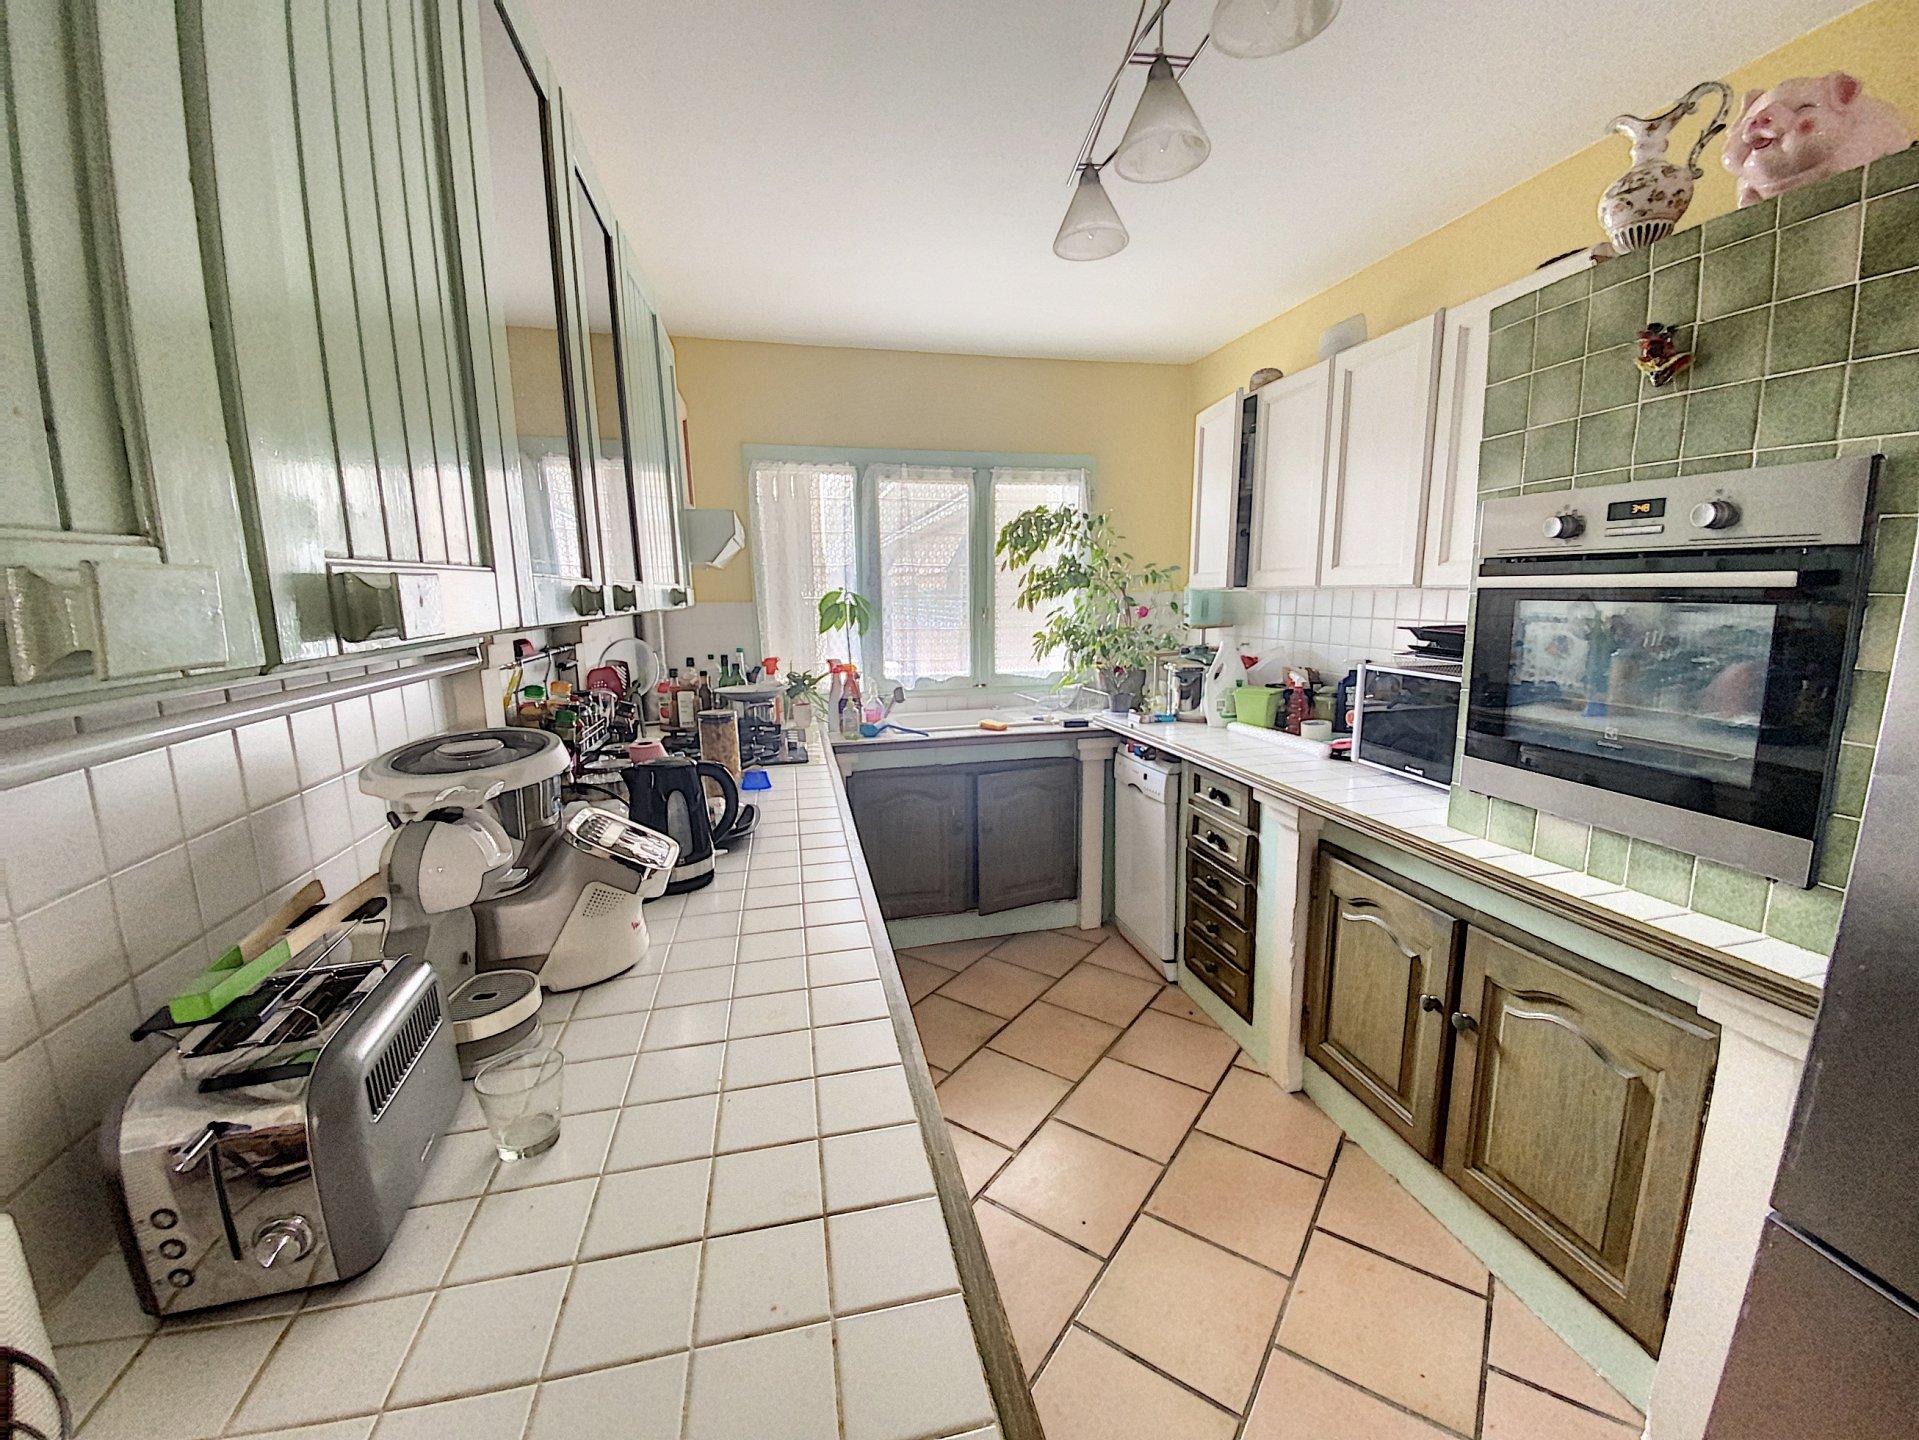 SAINT LAURENT DU VAR (06700) - Appartement 3 pièces - 2 chambres